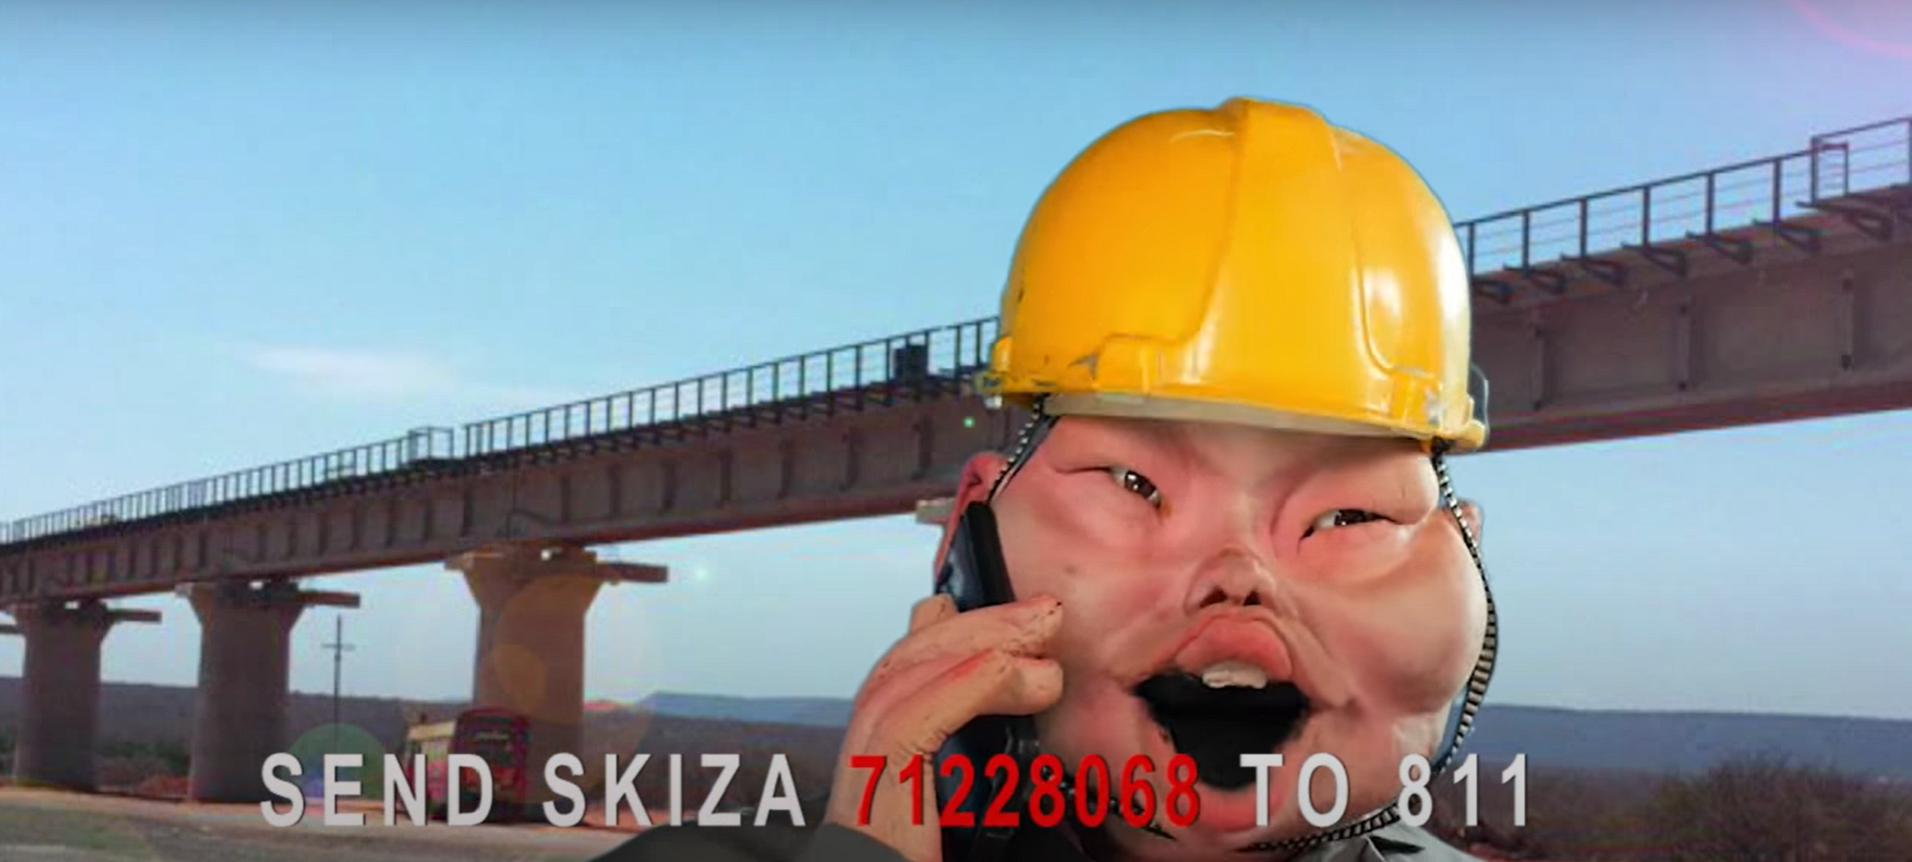 Chinku skiza tune